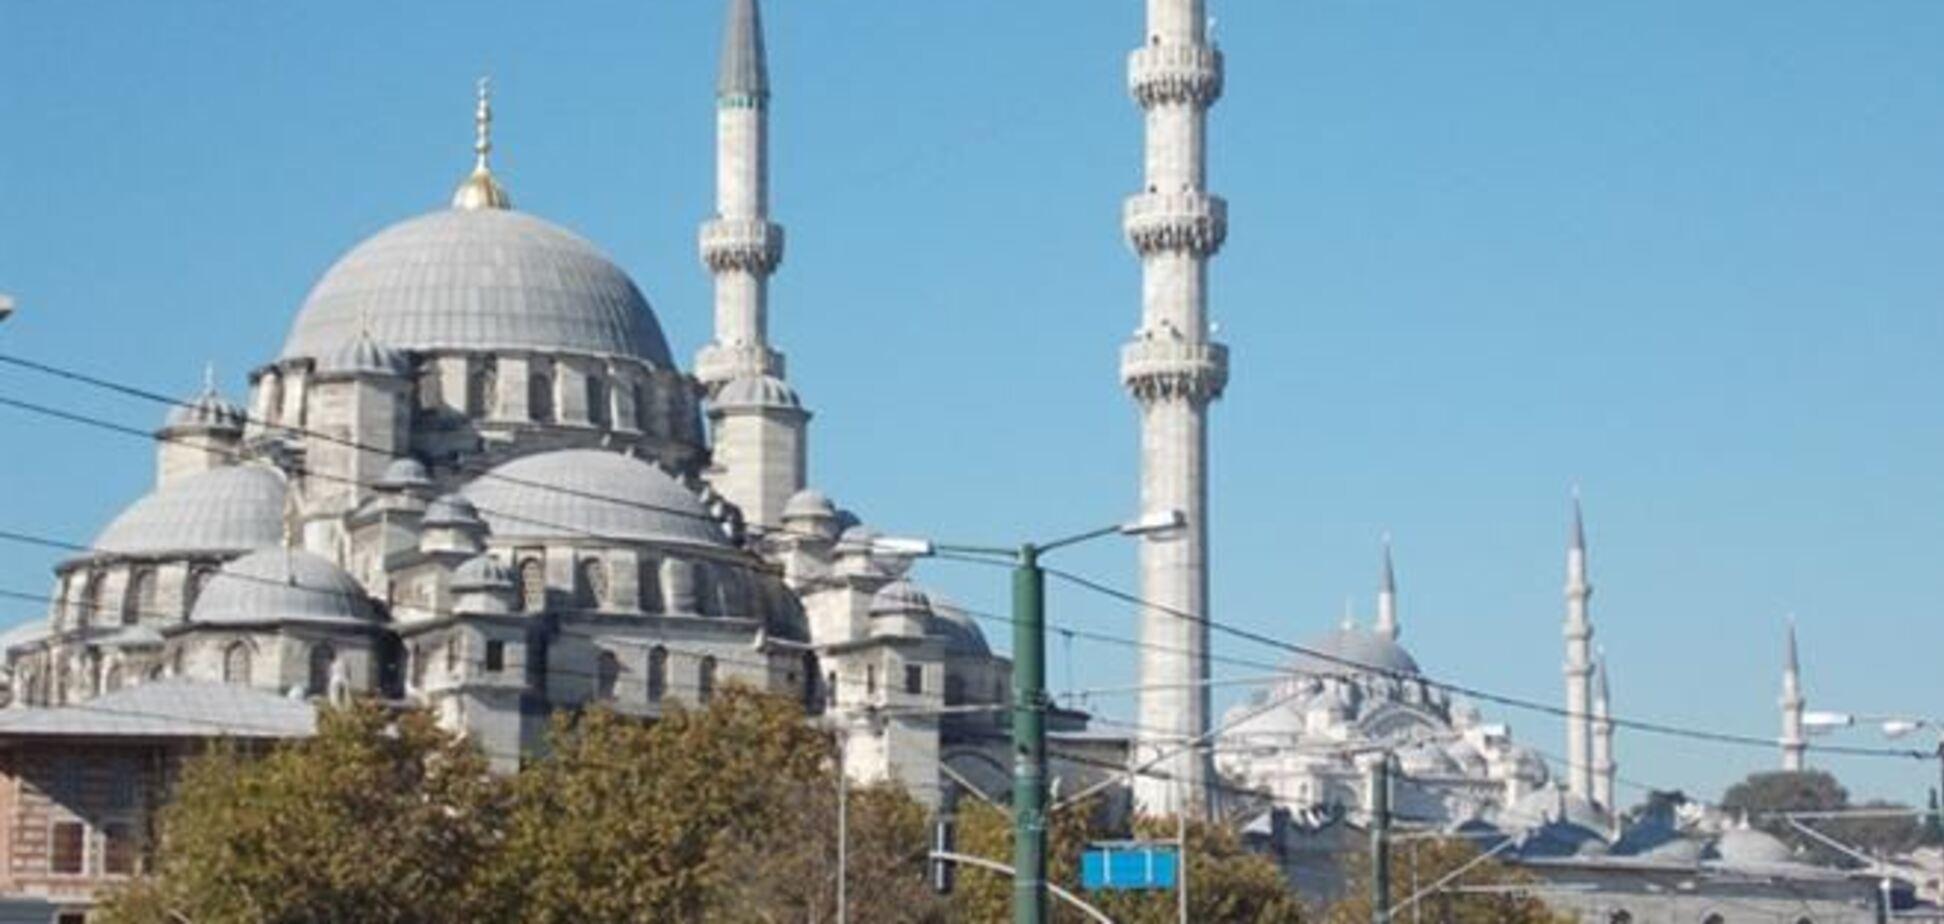 Иностранцы будут легко получать документ о праве владения недвижимостью в Турции